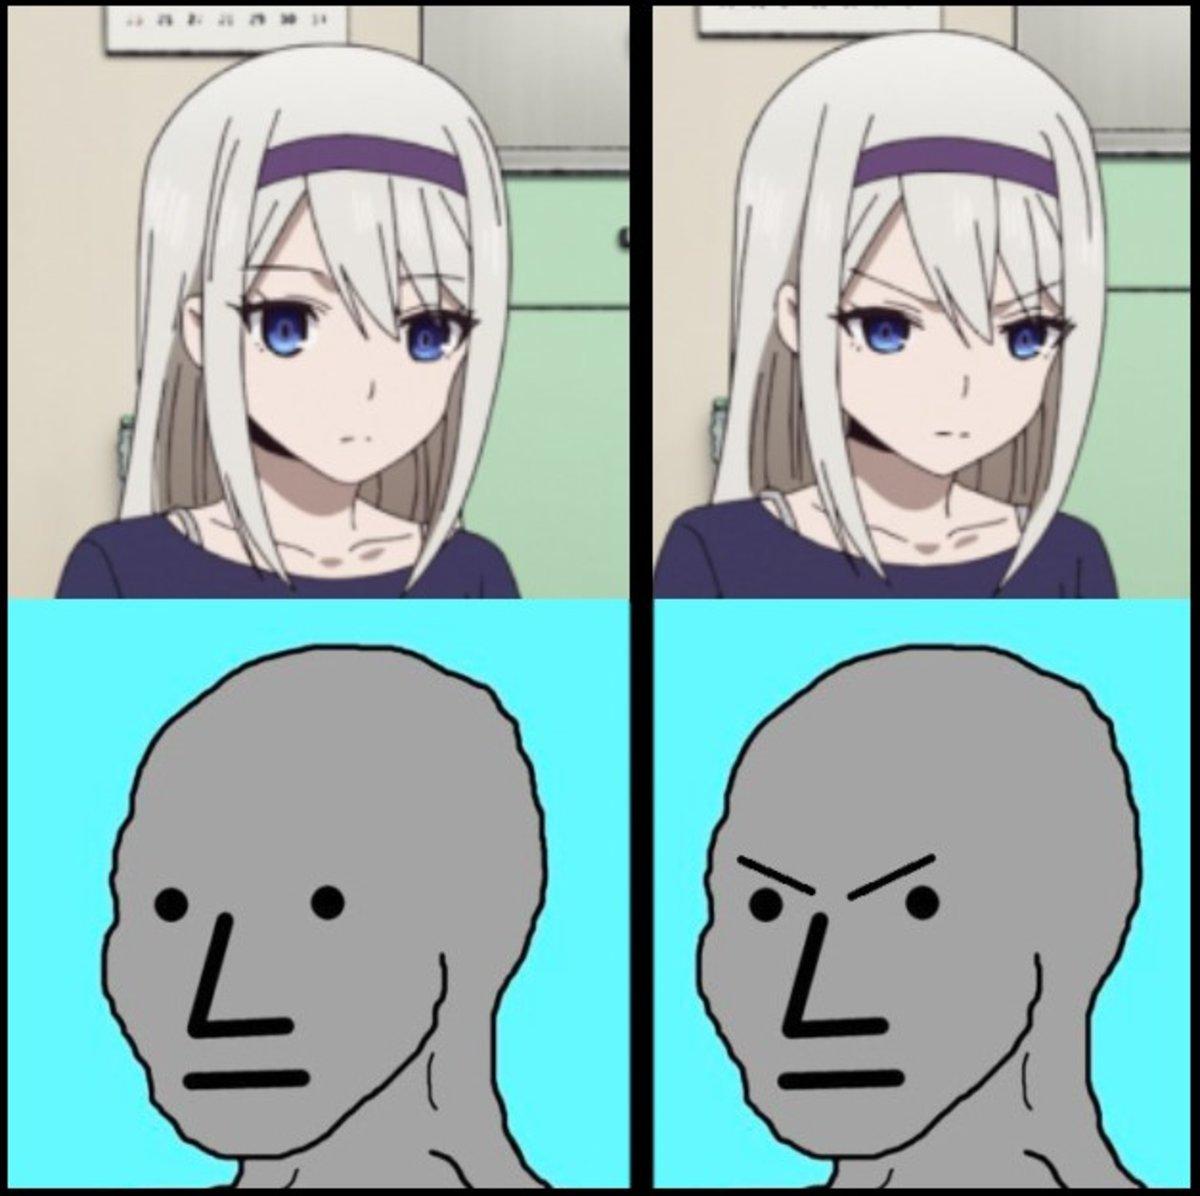 doomer girl meme 4k